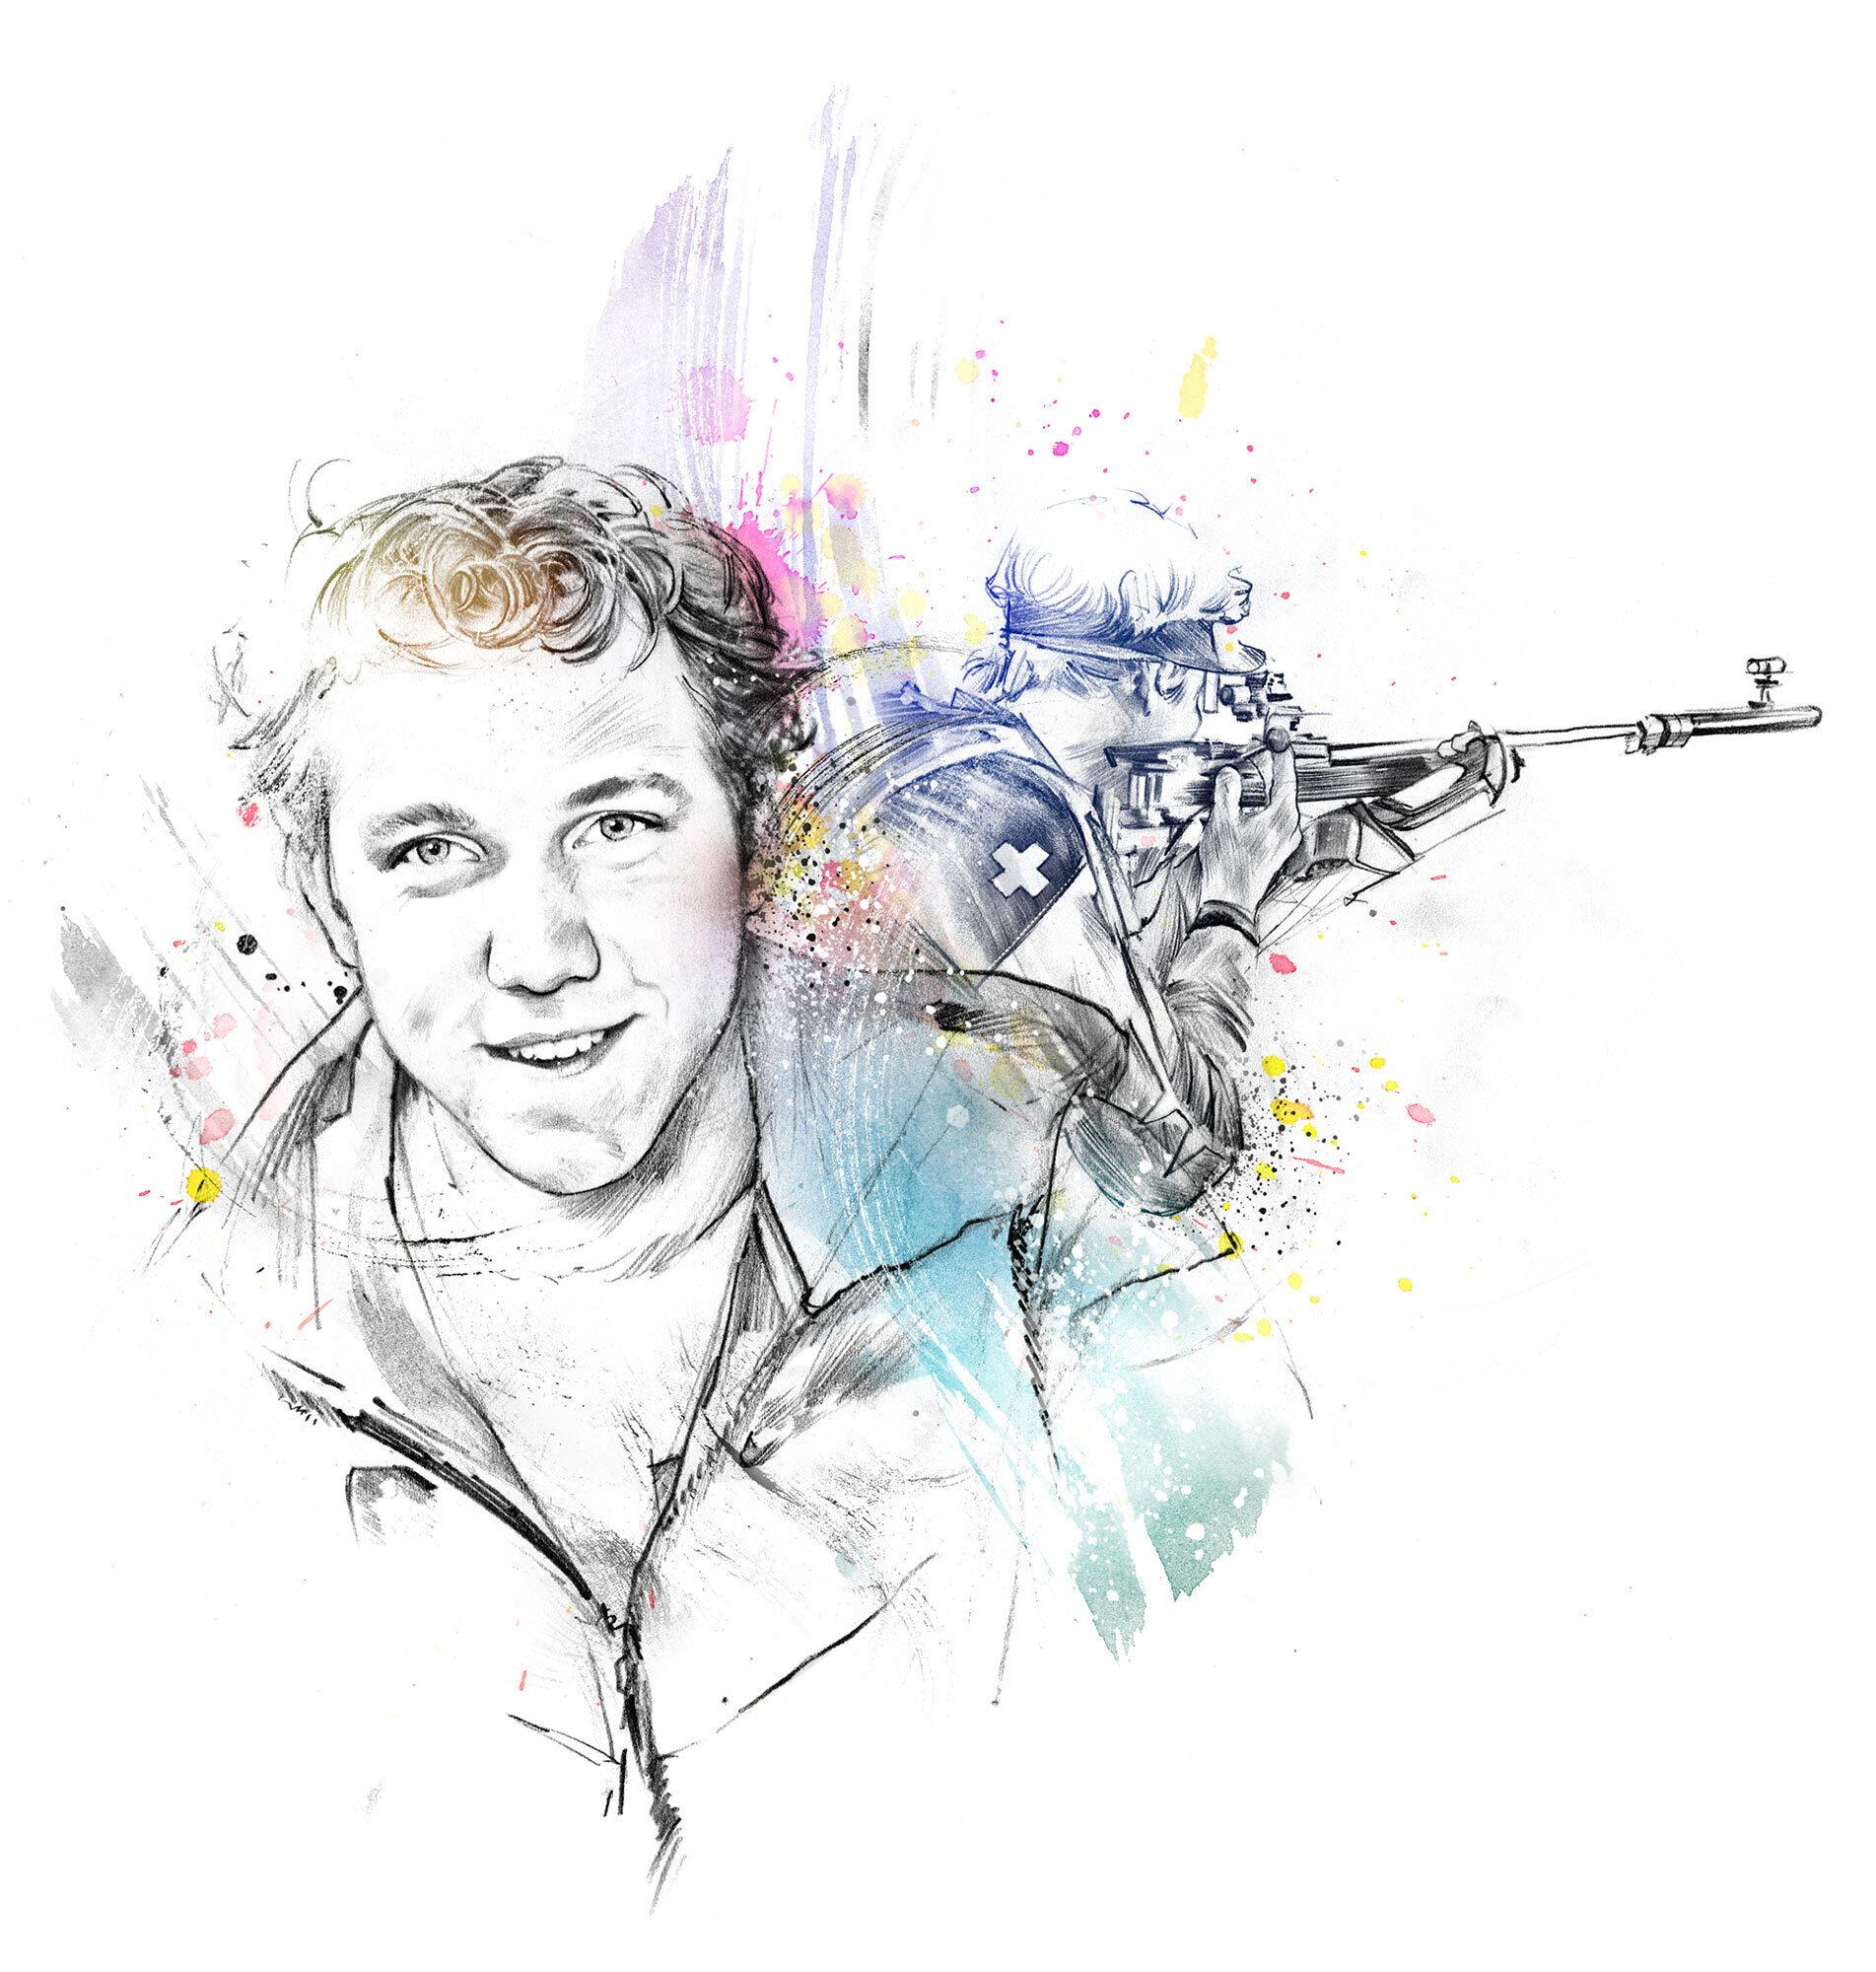 Sportschiessen portrait illustration - Kornel Illustration | Kornel Stadler portfolio